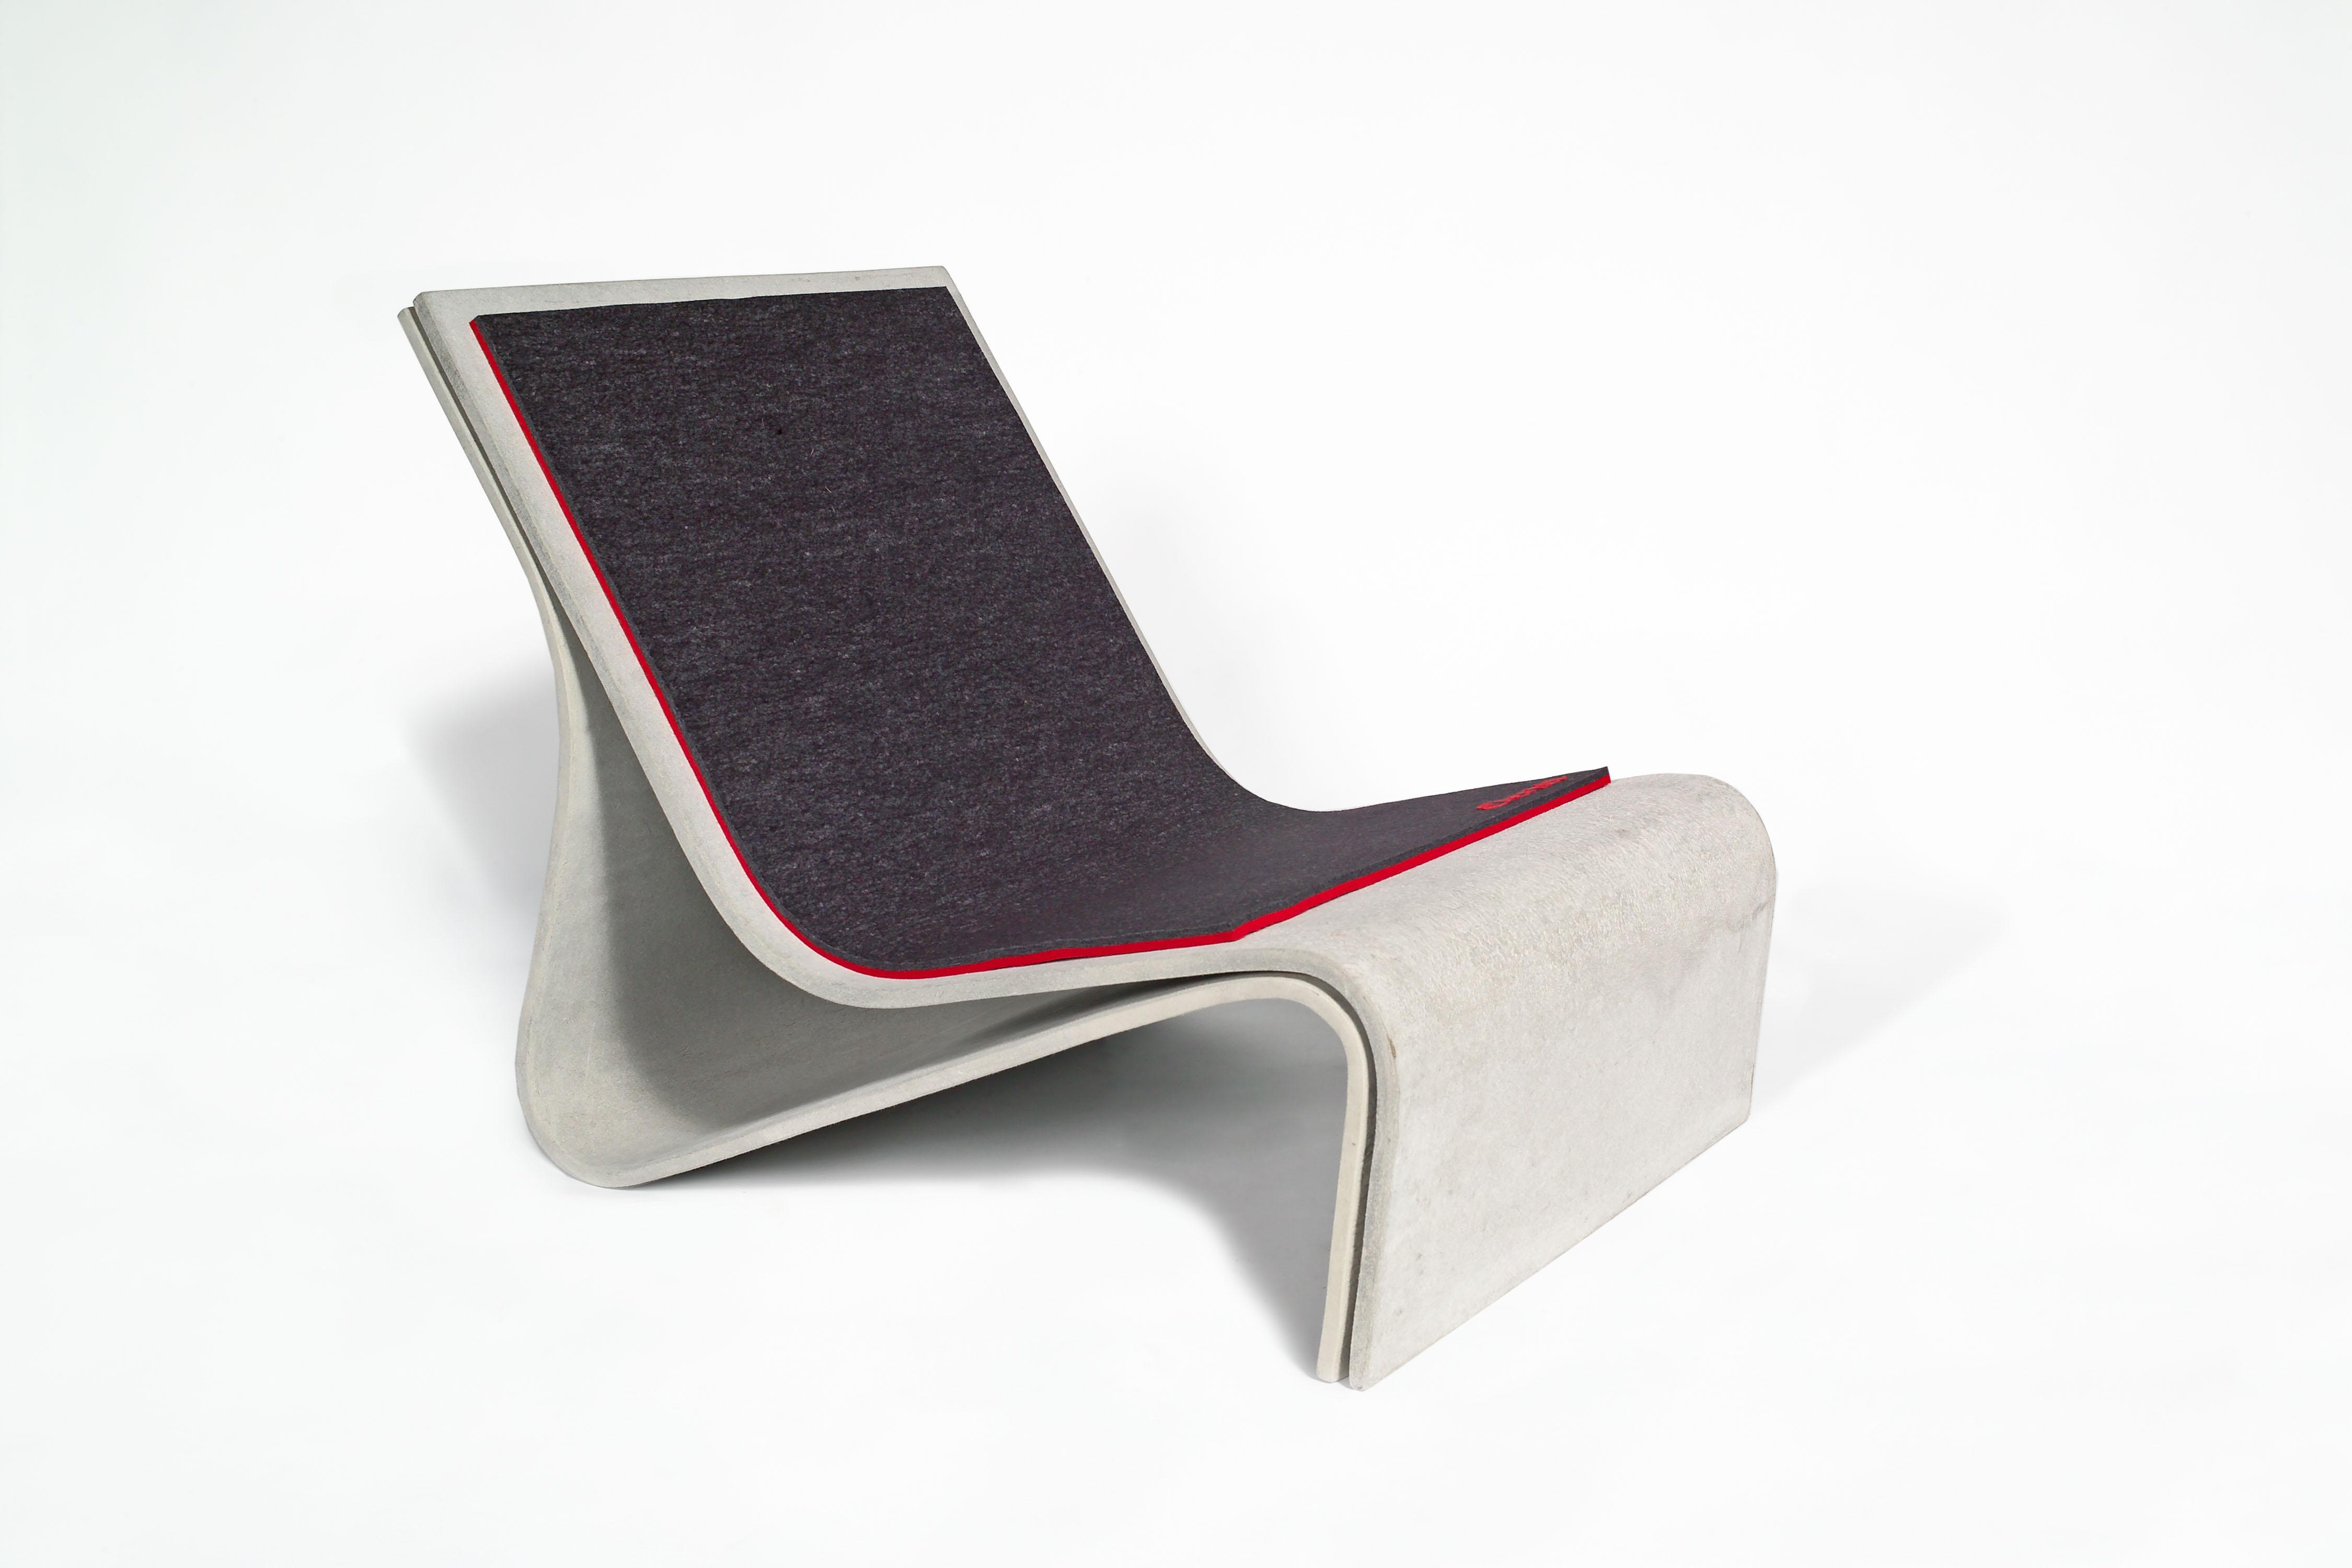 eternit sponeck aufleger eternit design gartenm bel haus garten blumenmarkt dietrich. Black Bedroom Furniture Sets. Home Design Ideas